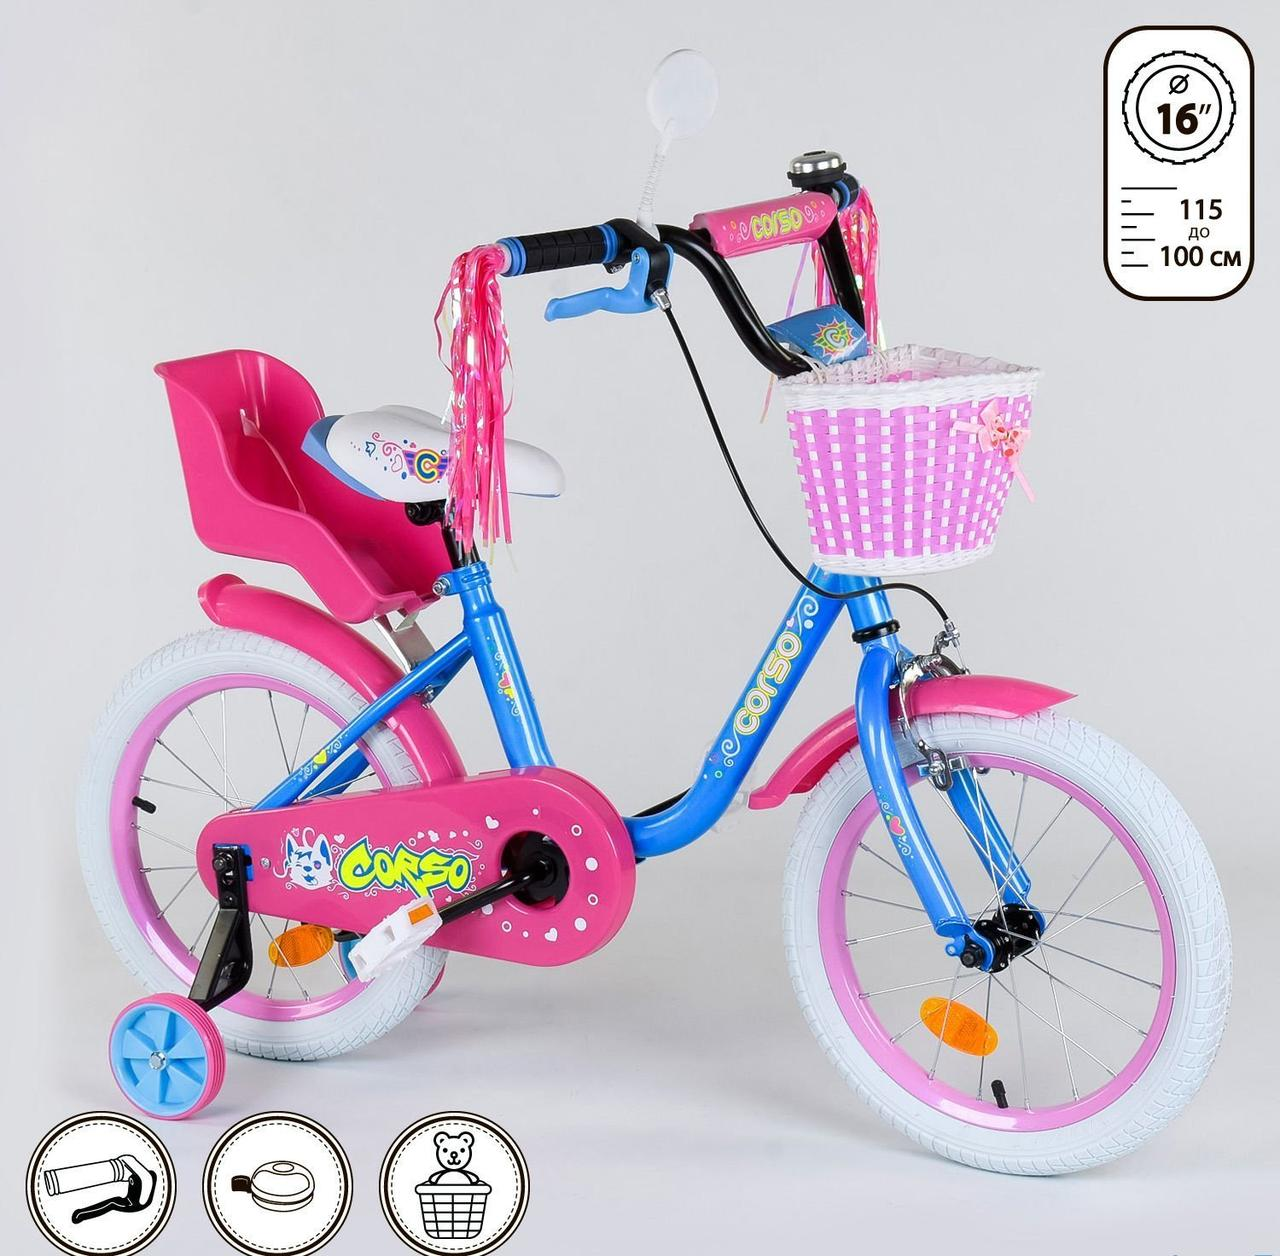 """Велосипед 16"""" дюймов 2-х колёсный """"CORSO"""" новый ручной тормоз, звоночек, кресло для куклы, корзинка, доп. Колеса"""